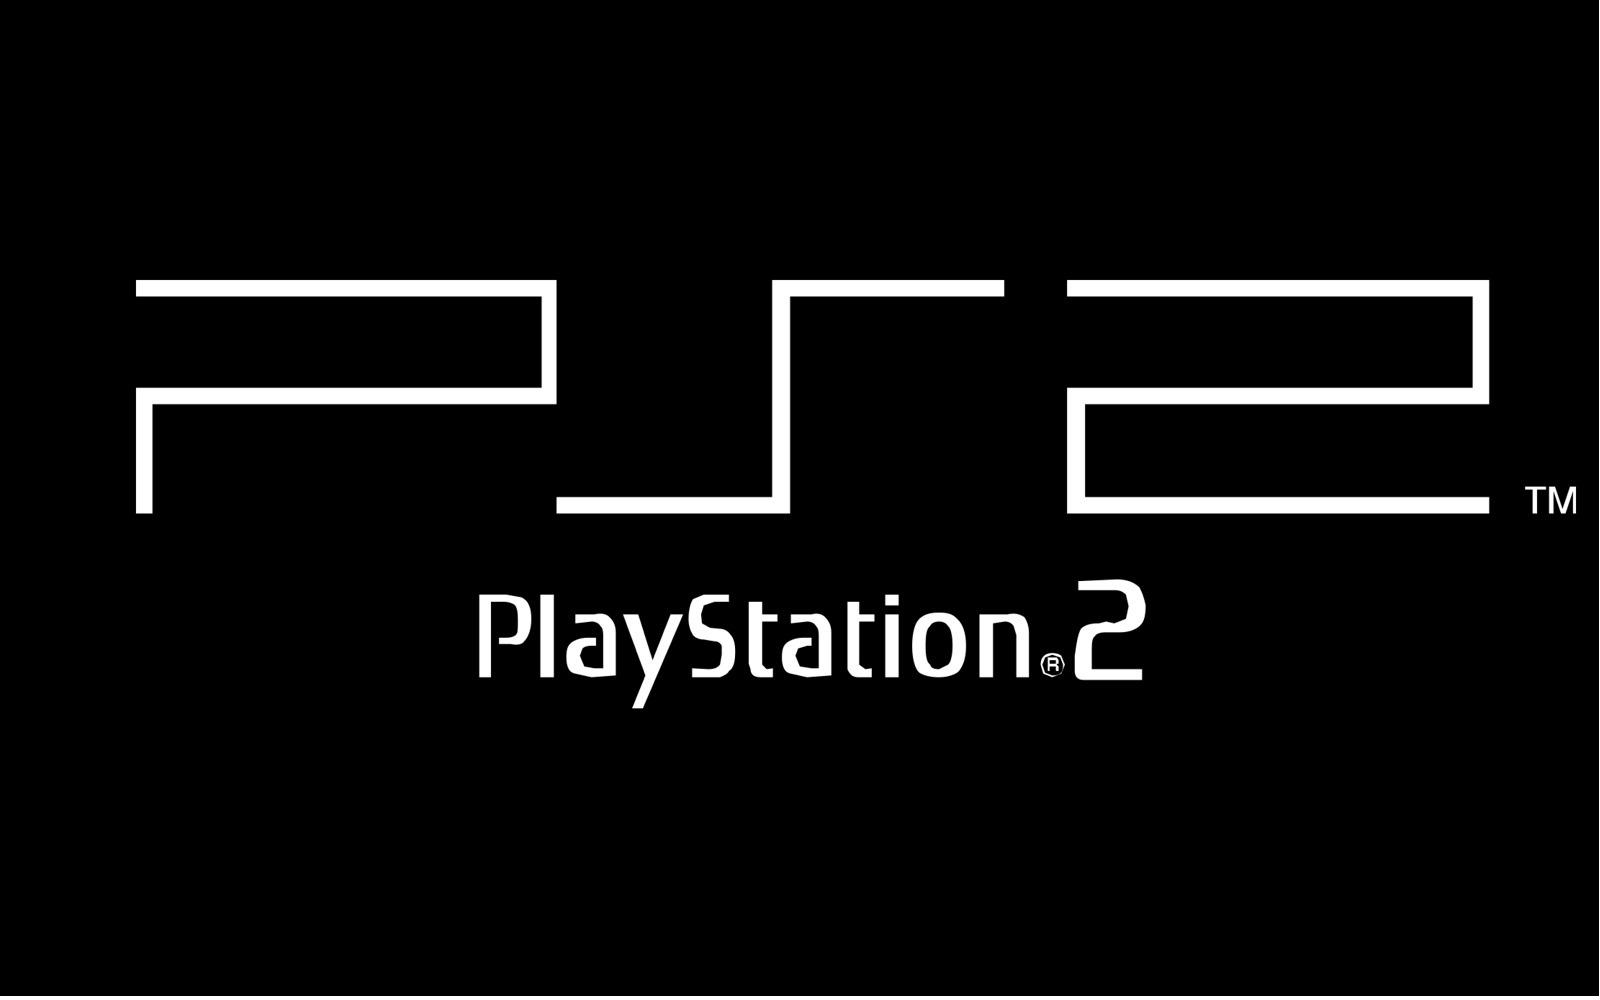 PlayStation Wallpaper 002